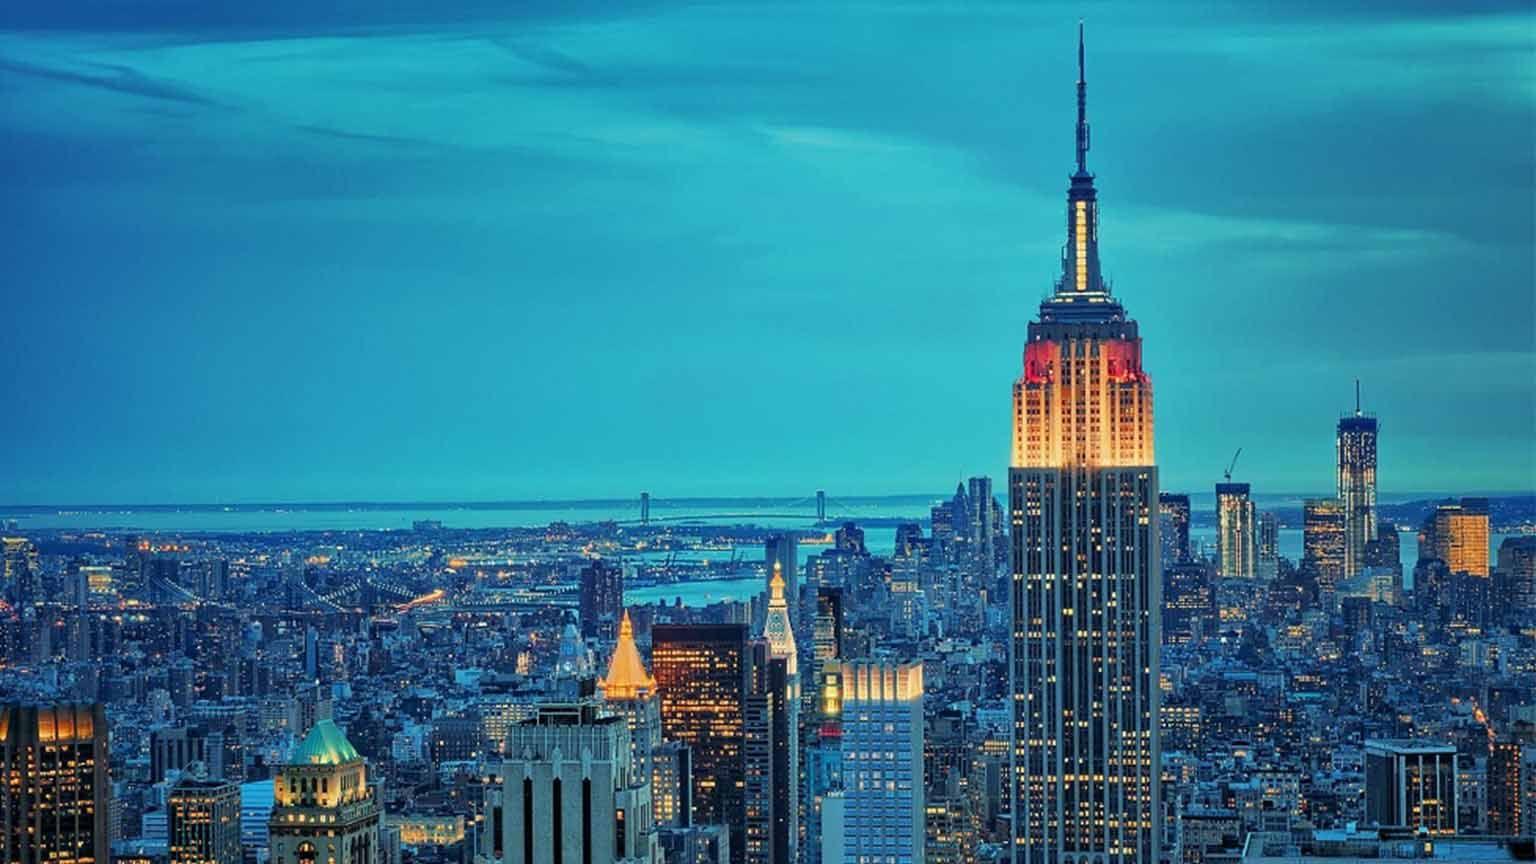 مترجم همزمان تجاری In 2020 New York City Background Empire State Empire State Building